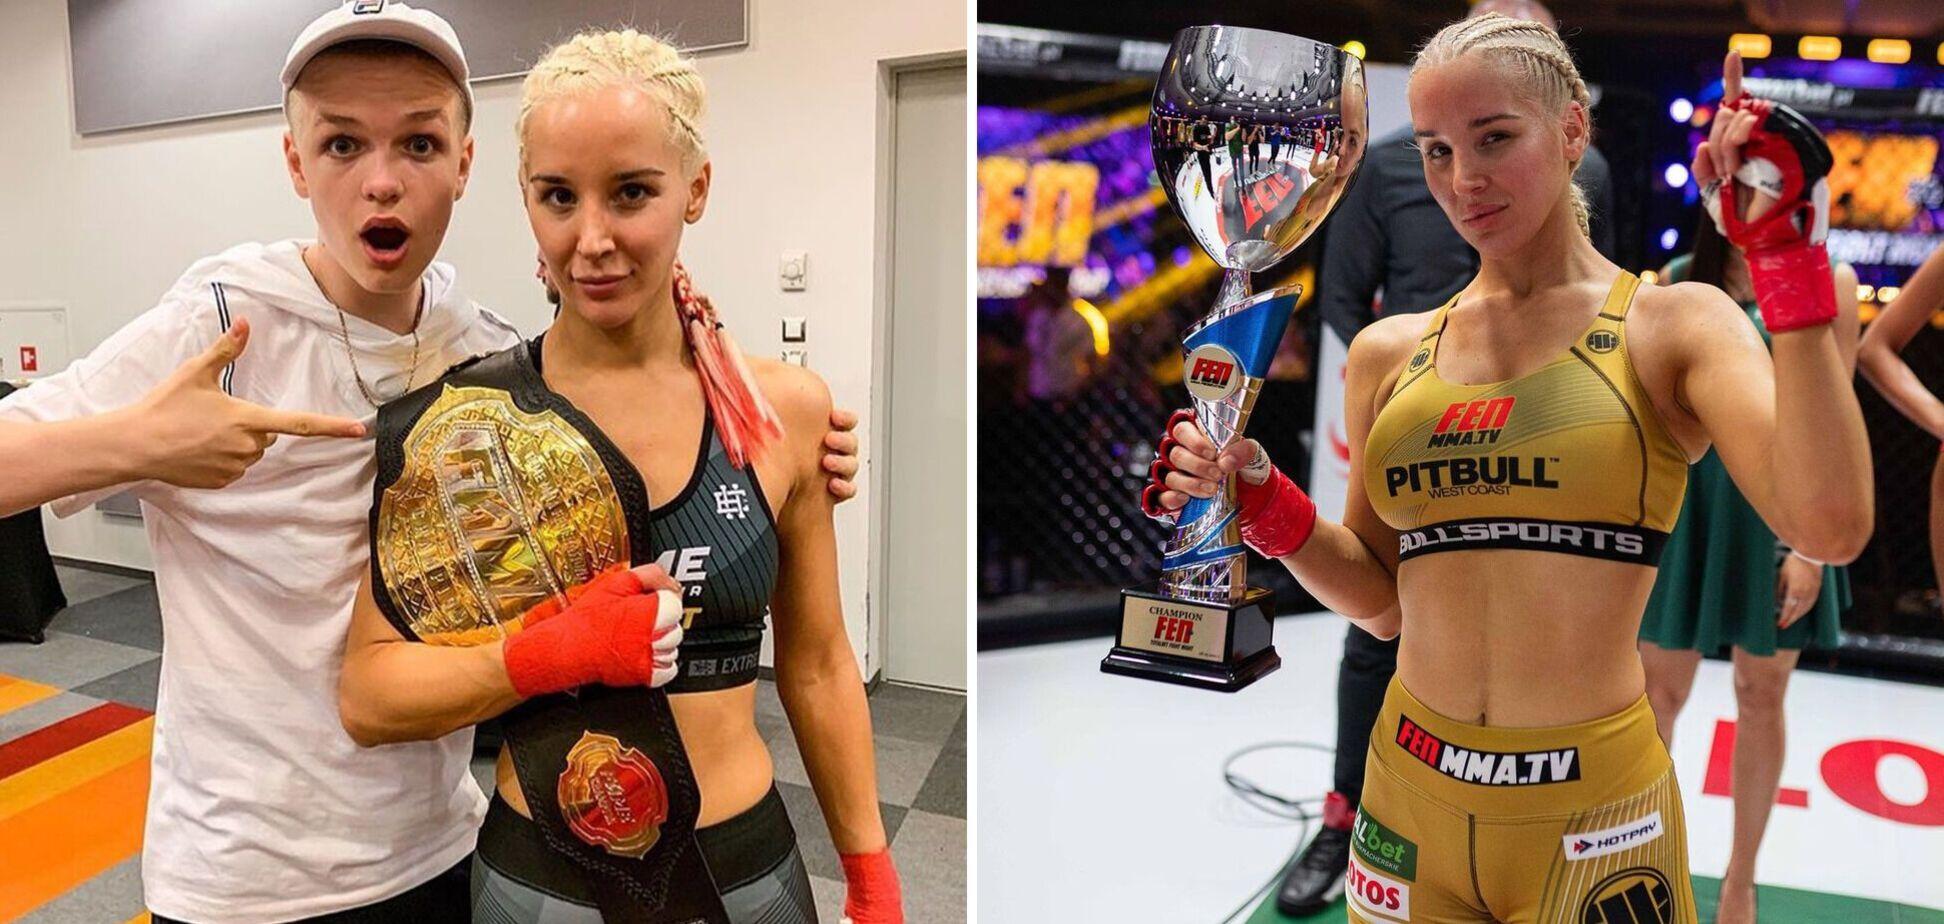 Боксерка, яка влаштувала бійку через фалоімітатор, виявилася любителькою сексуальних фотосесій